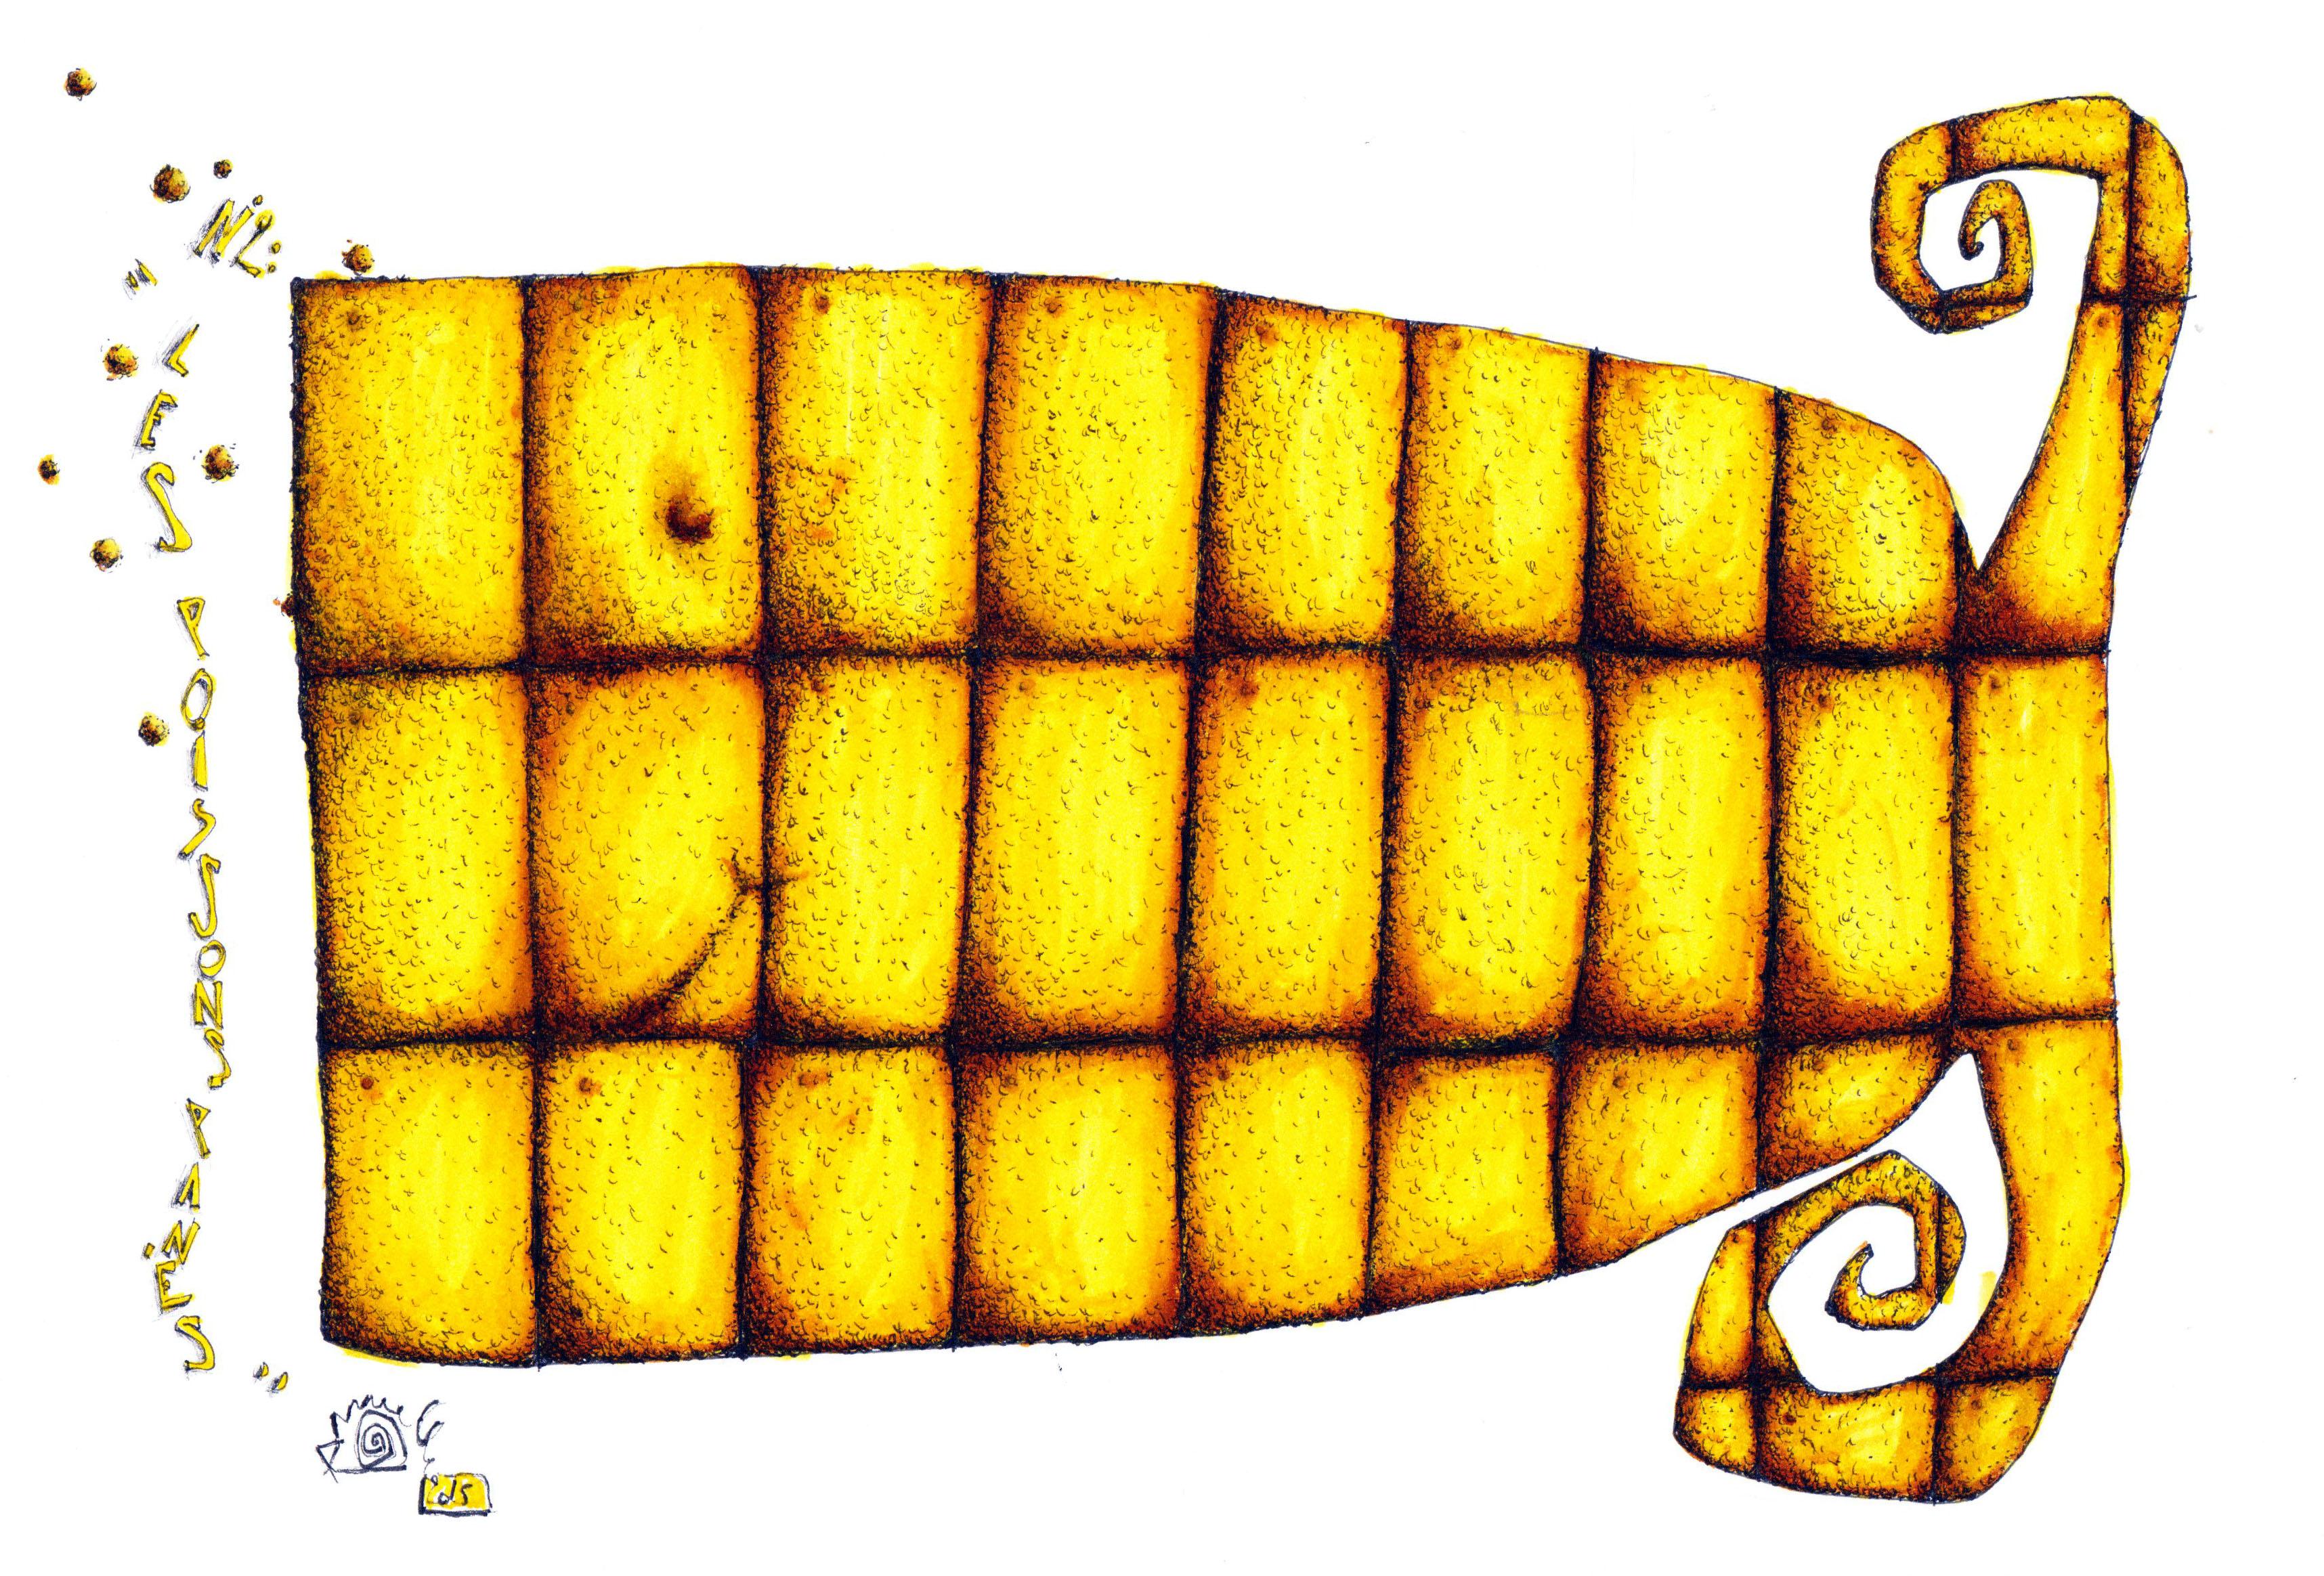 Les poissons panés